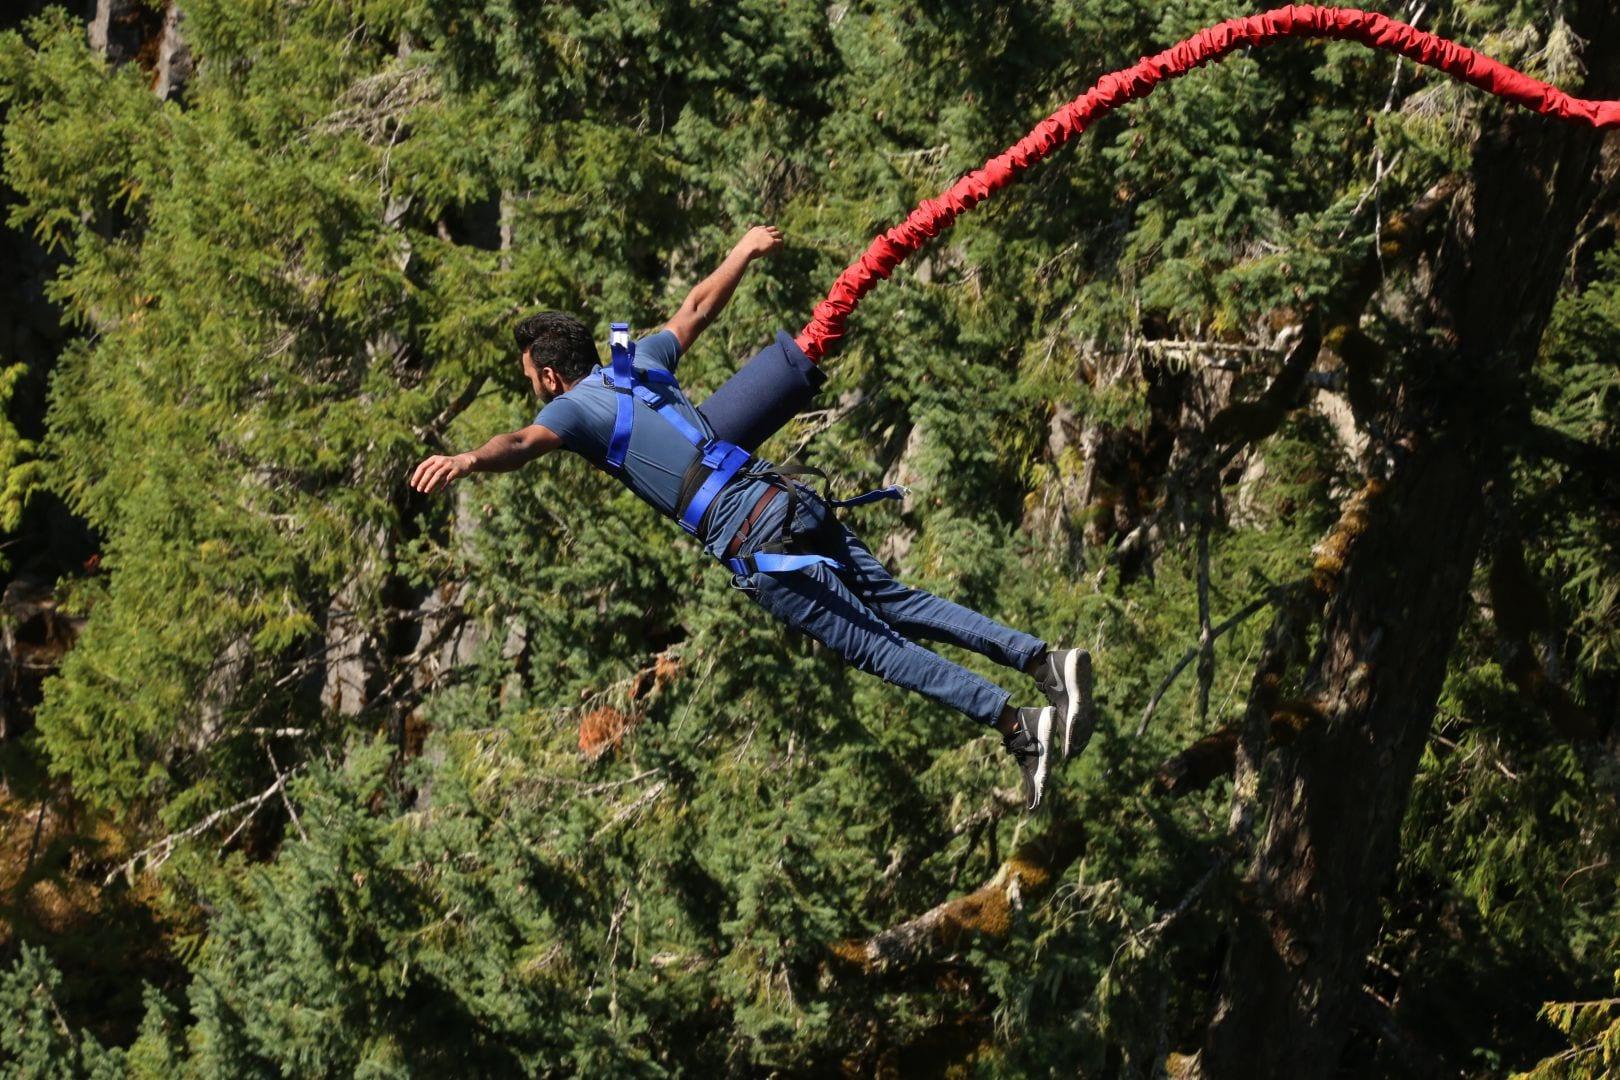 adrenaline en angst